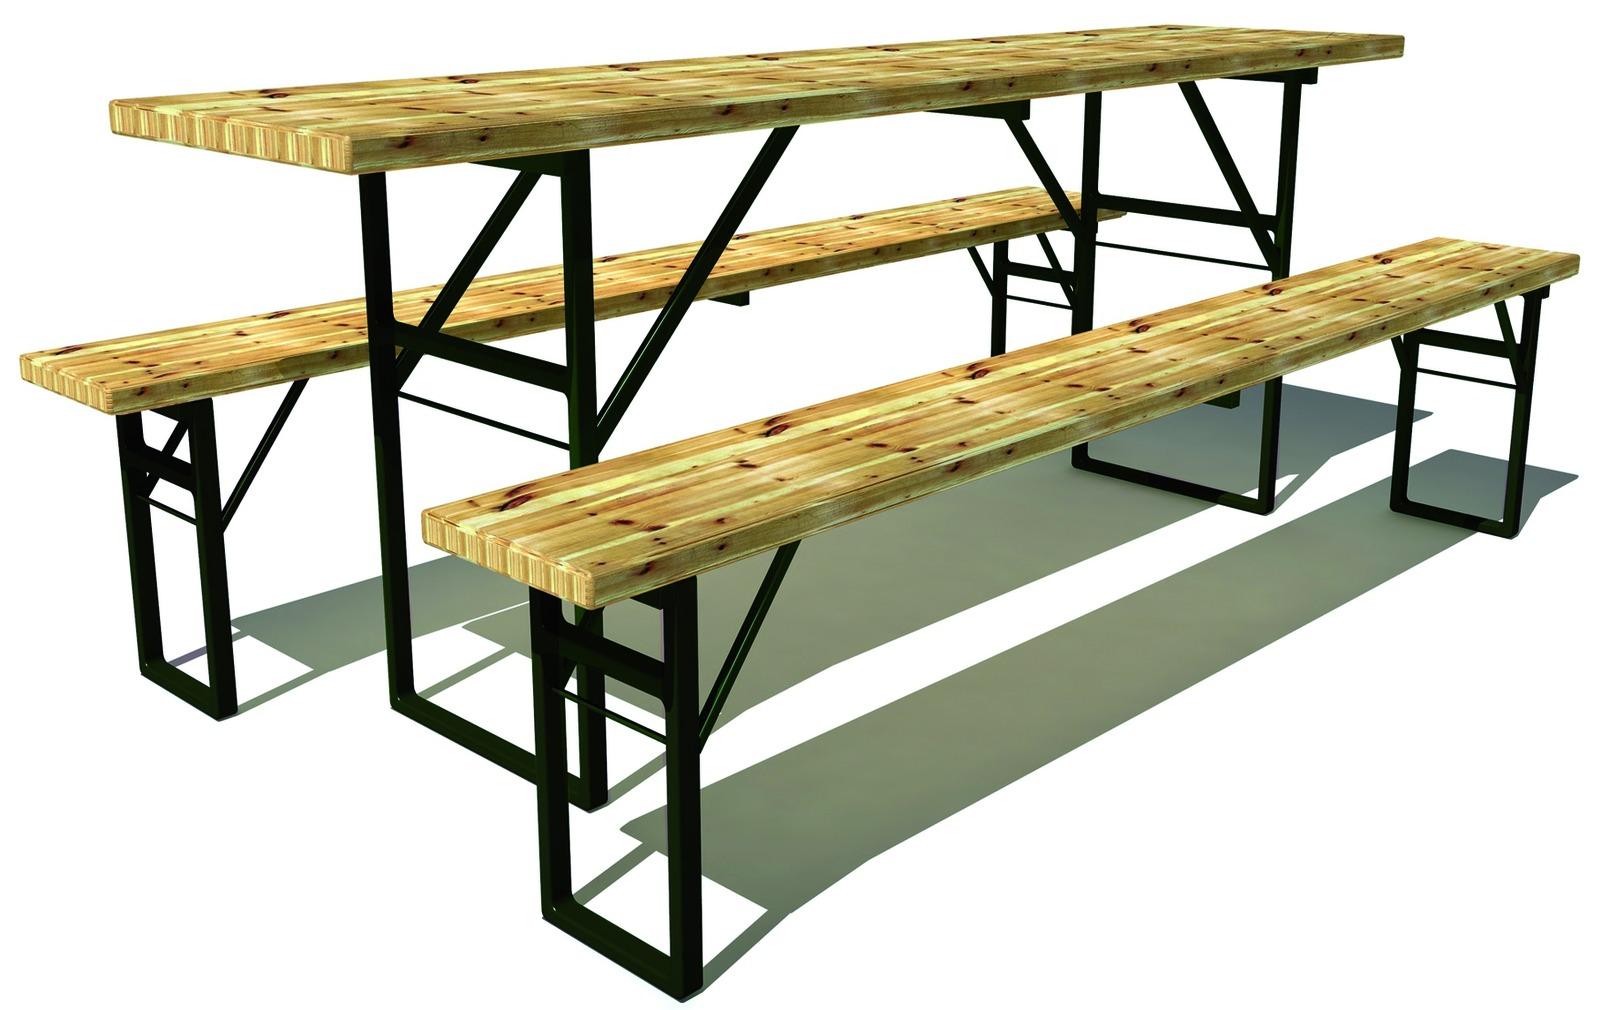 Pieds pour tables et bancs pliants